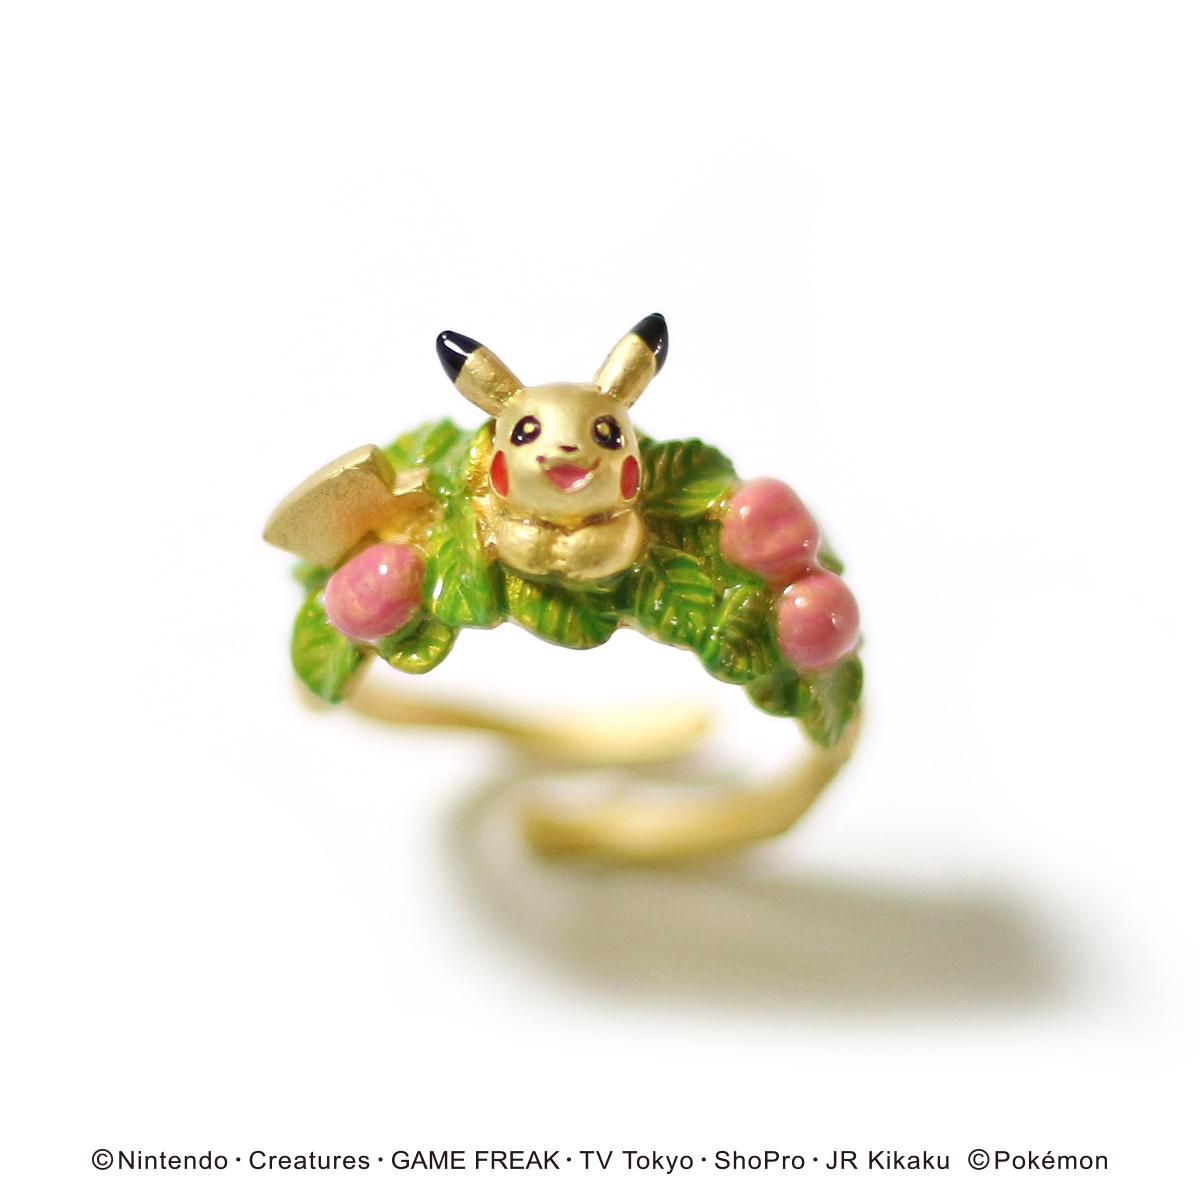 【スプリングセール】ピカチュウお花畑リング / リング【ポケモン第3弾】(フリーサイズ)